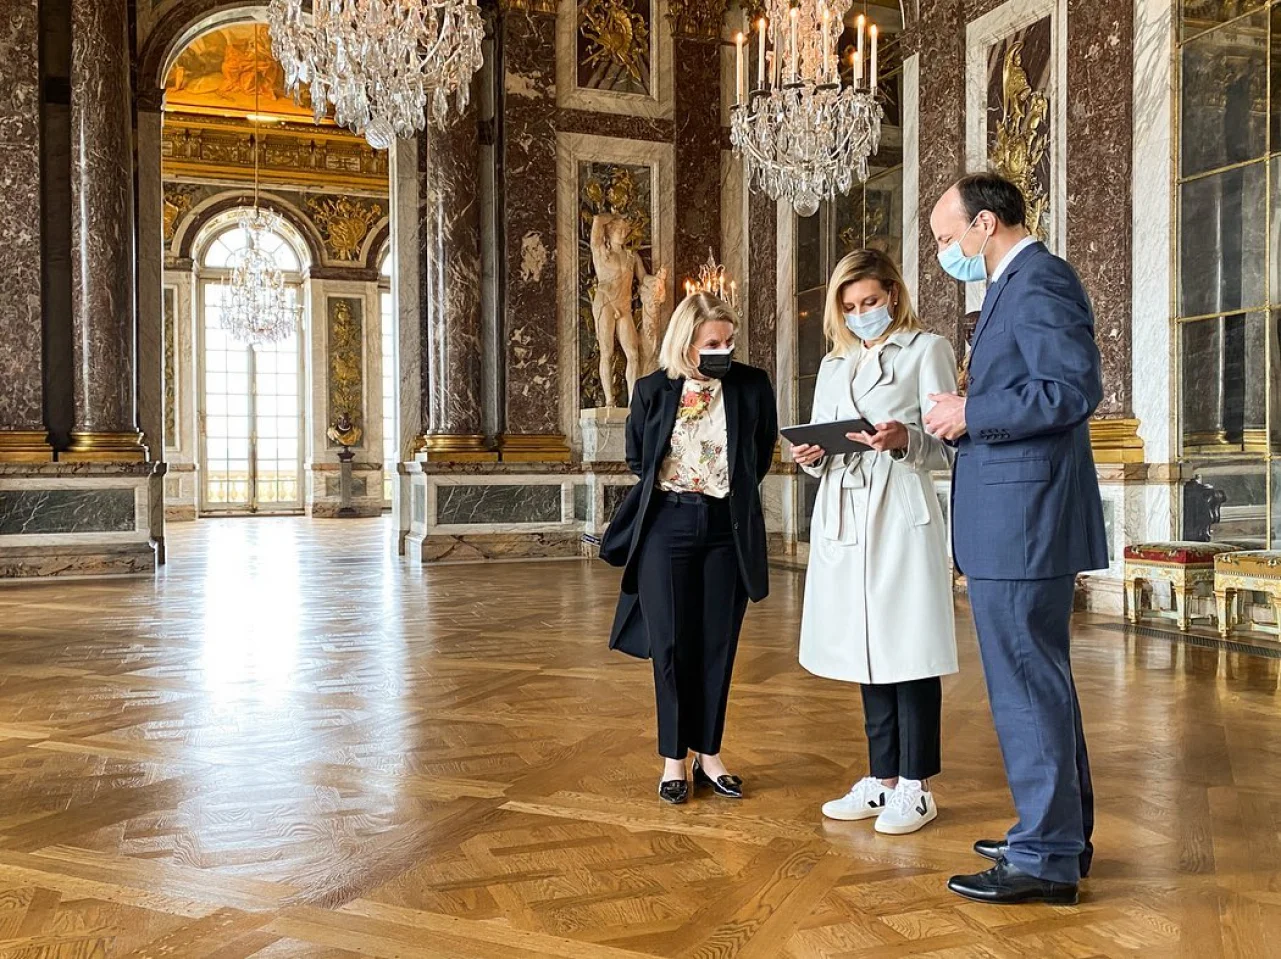 Первая леди Украины Елена Зеленская посетила Версальский дворец во Франции